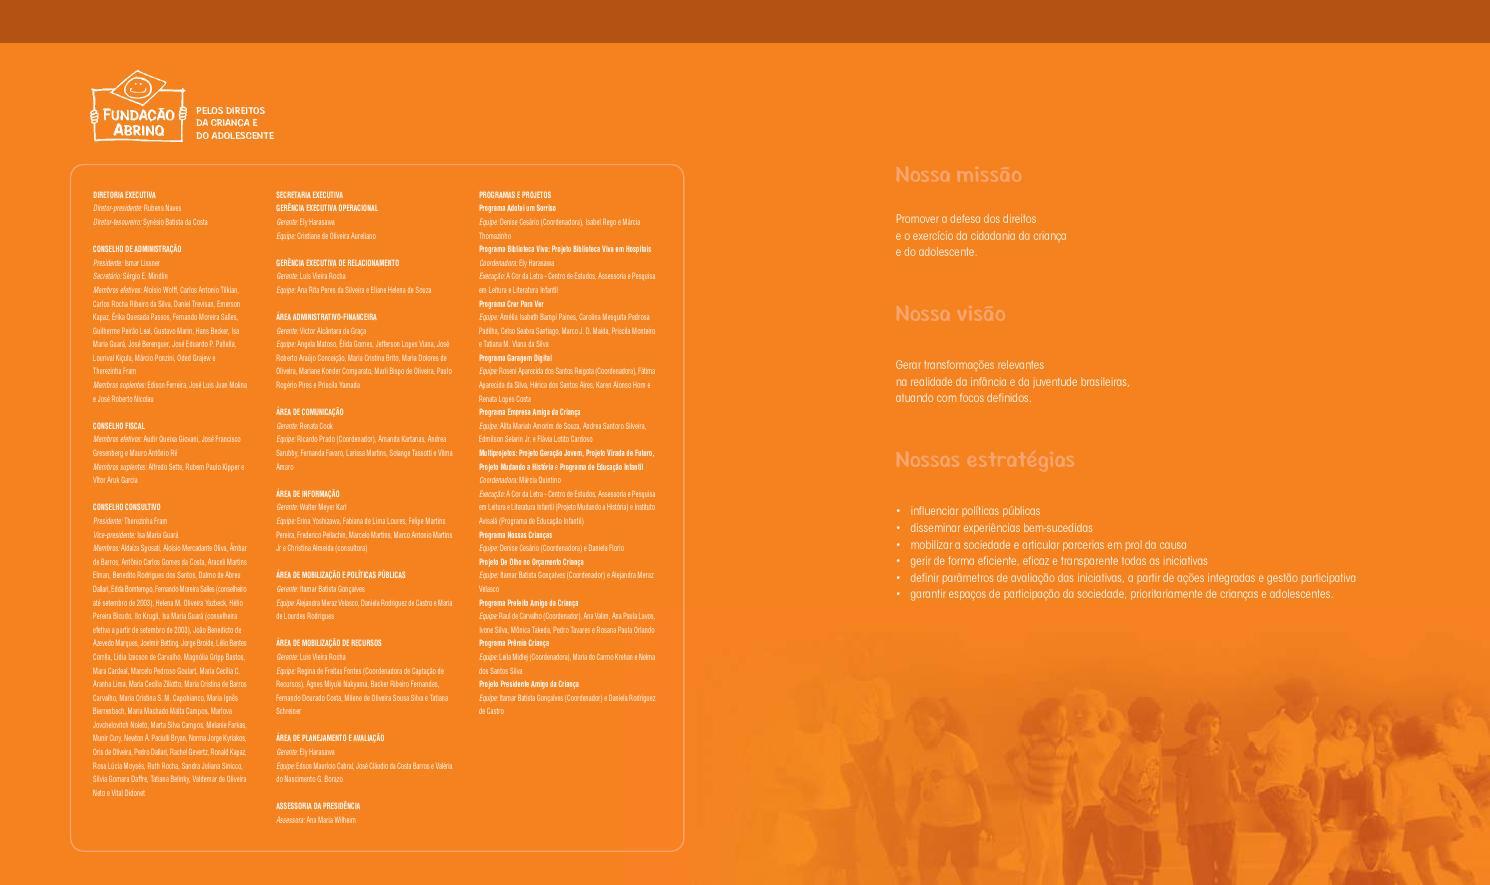 df26cfece1e85 Relatorio Anual 2003 - Fundação Abrinq by Fundação Abrinq - issuu